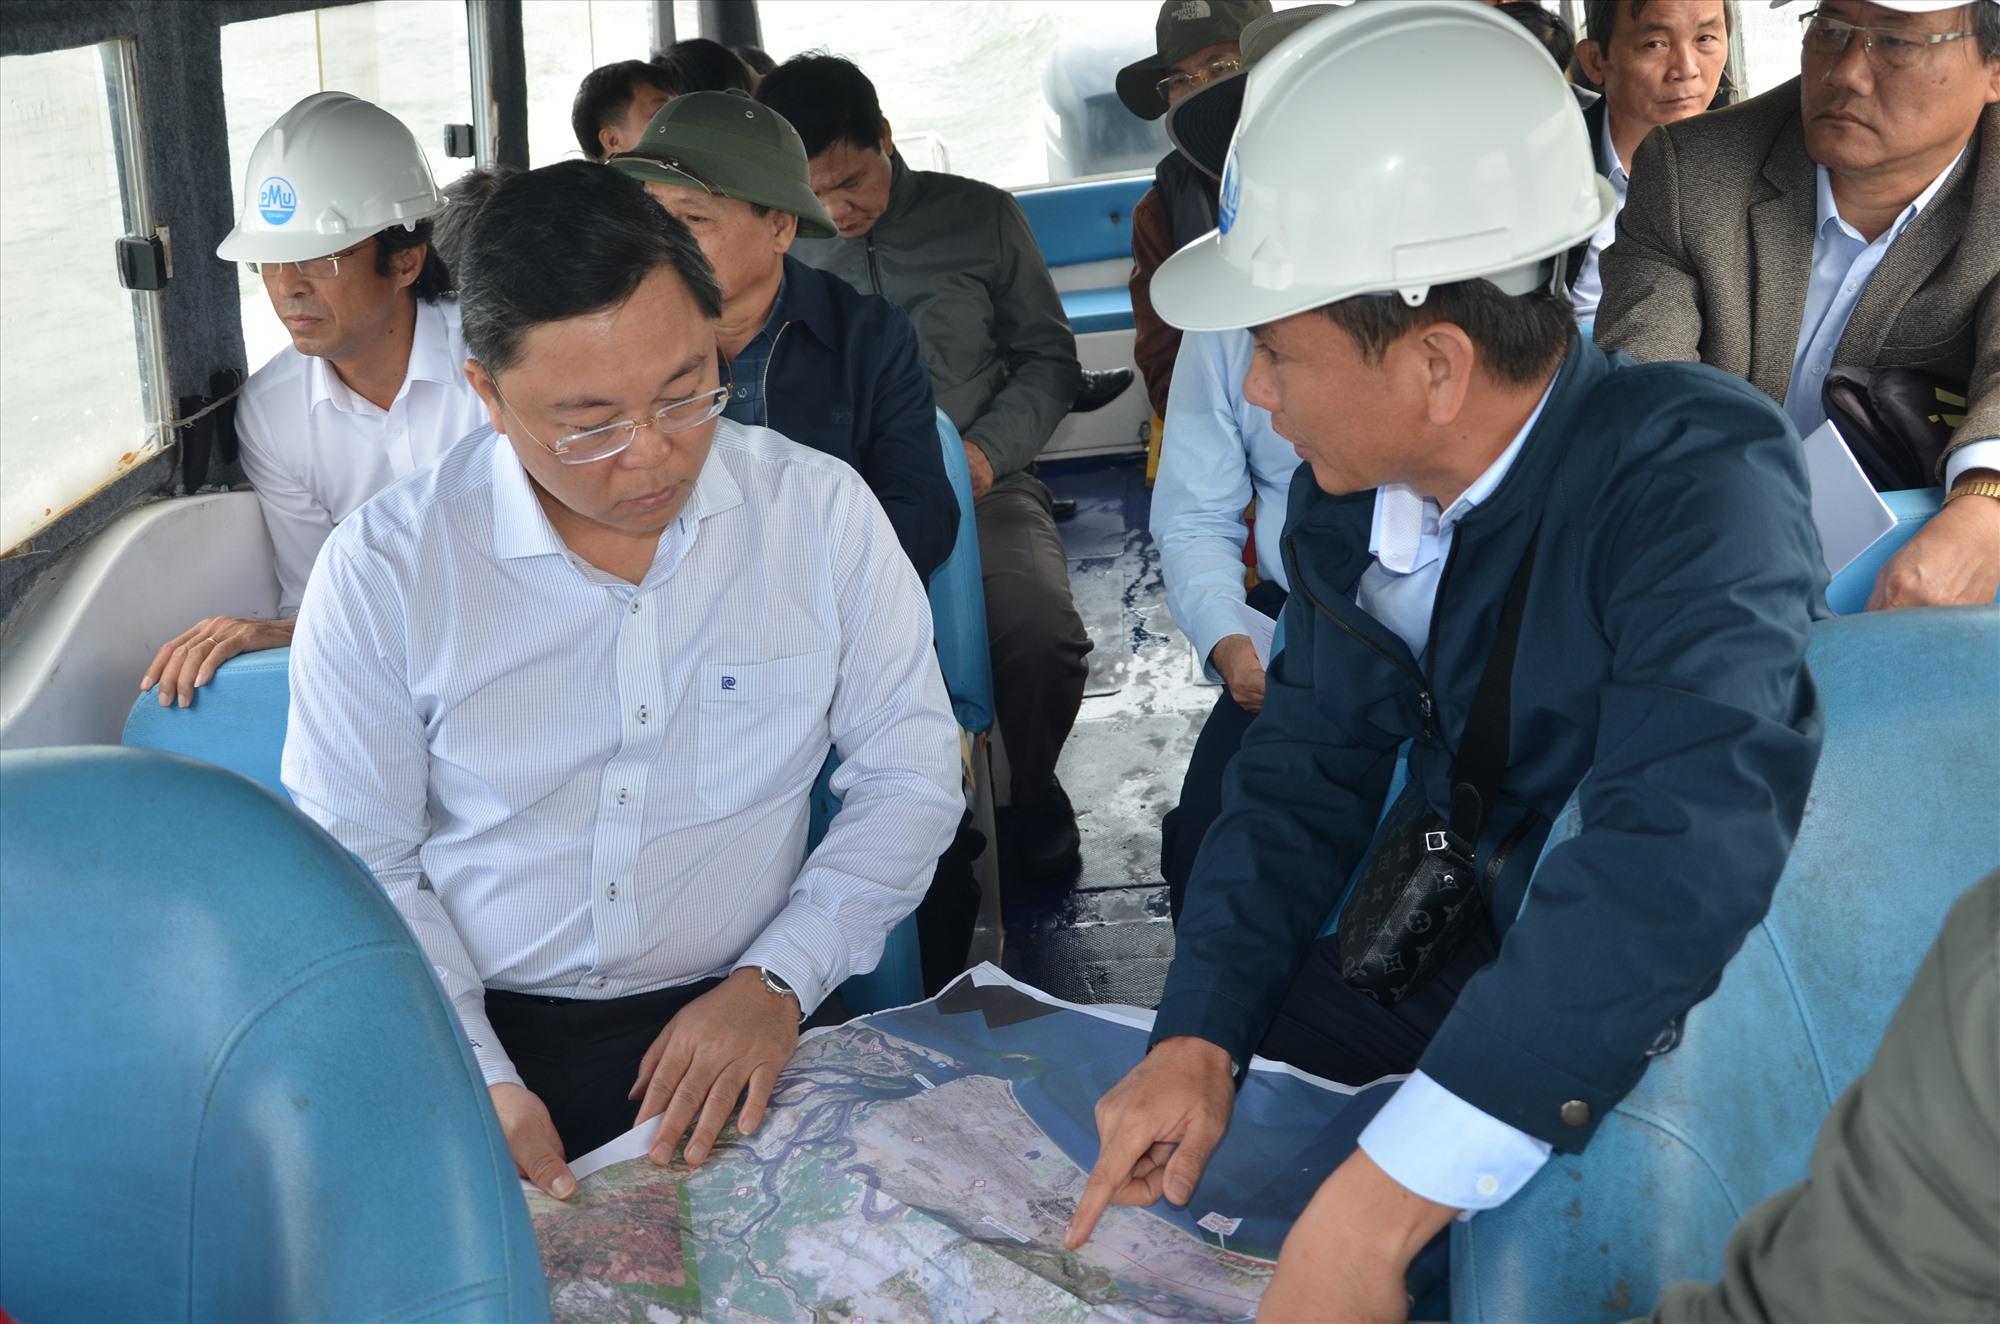 Chủ tịch UBND tỉnh Lê Trí Thanh khảo sát thực địa sông Trường Giang vào sáng 18.2. Ảnh: H.P